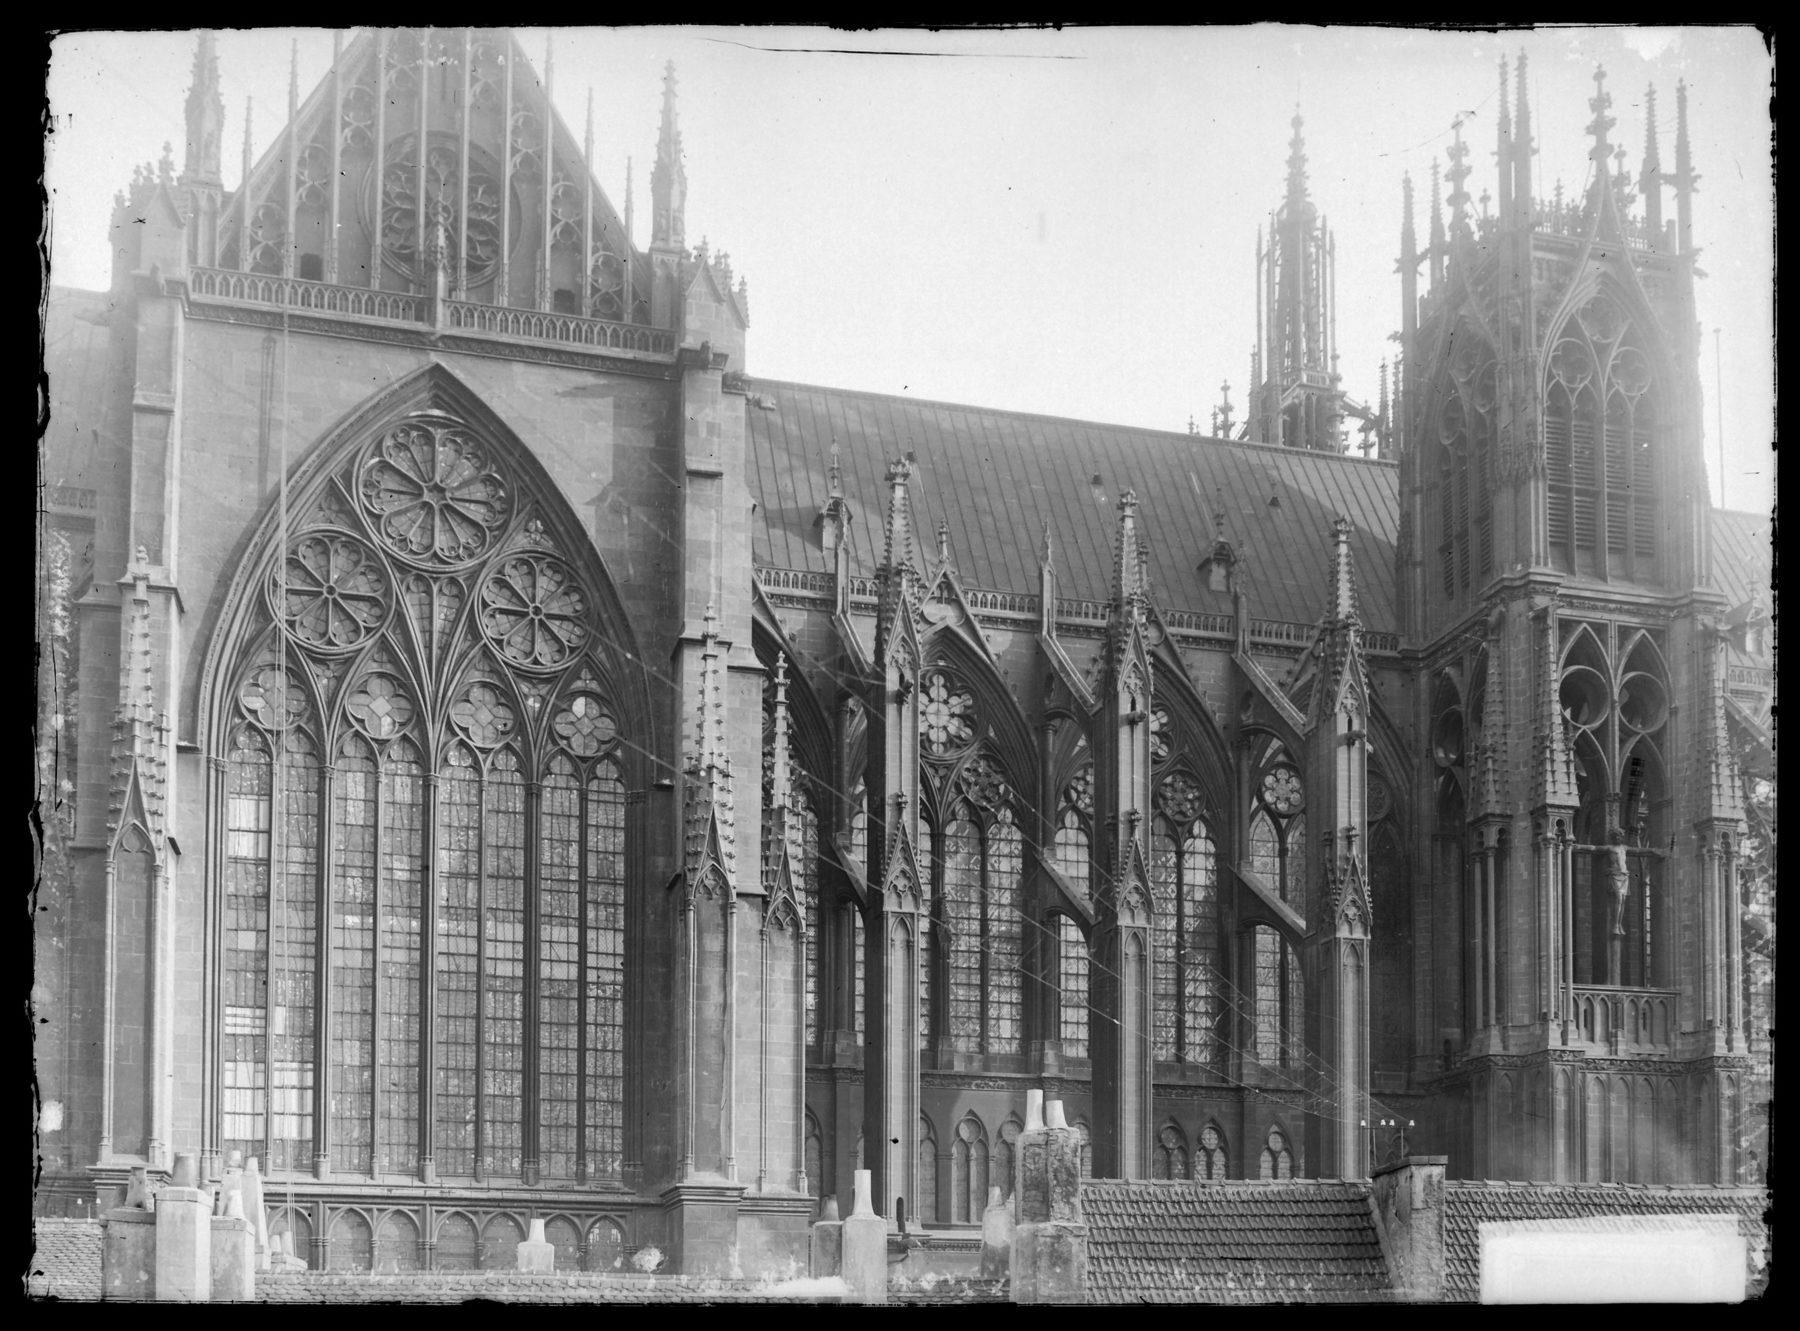 Contenu du Façade nord de la cathédrale